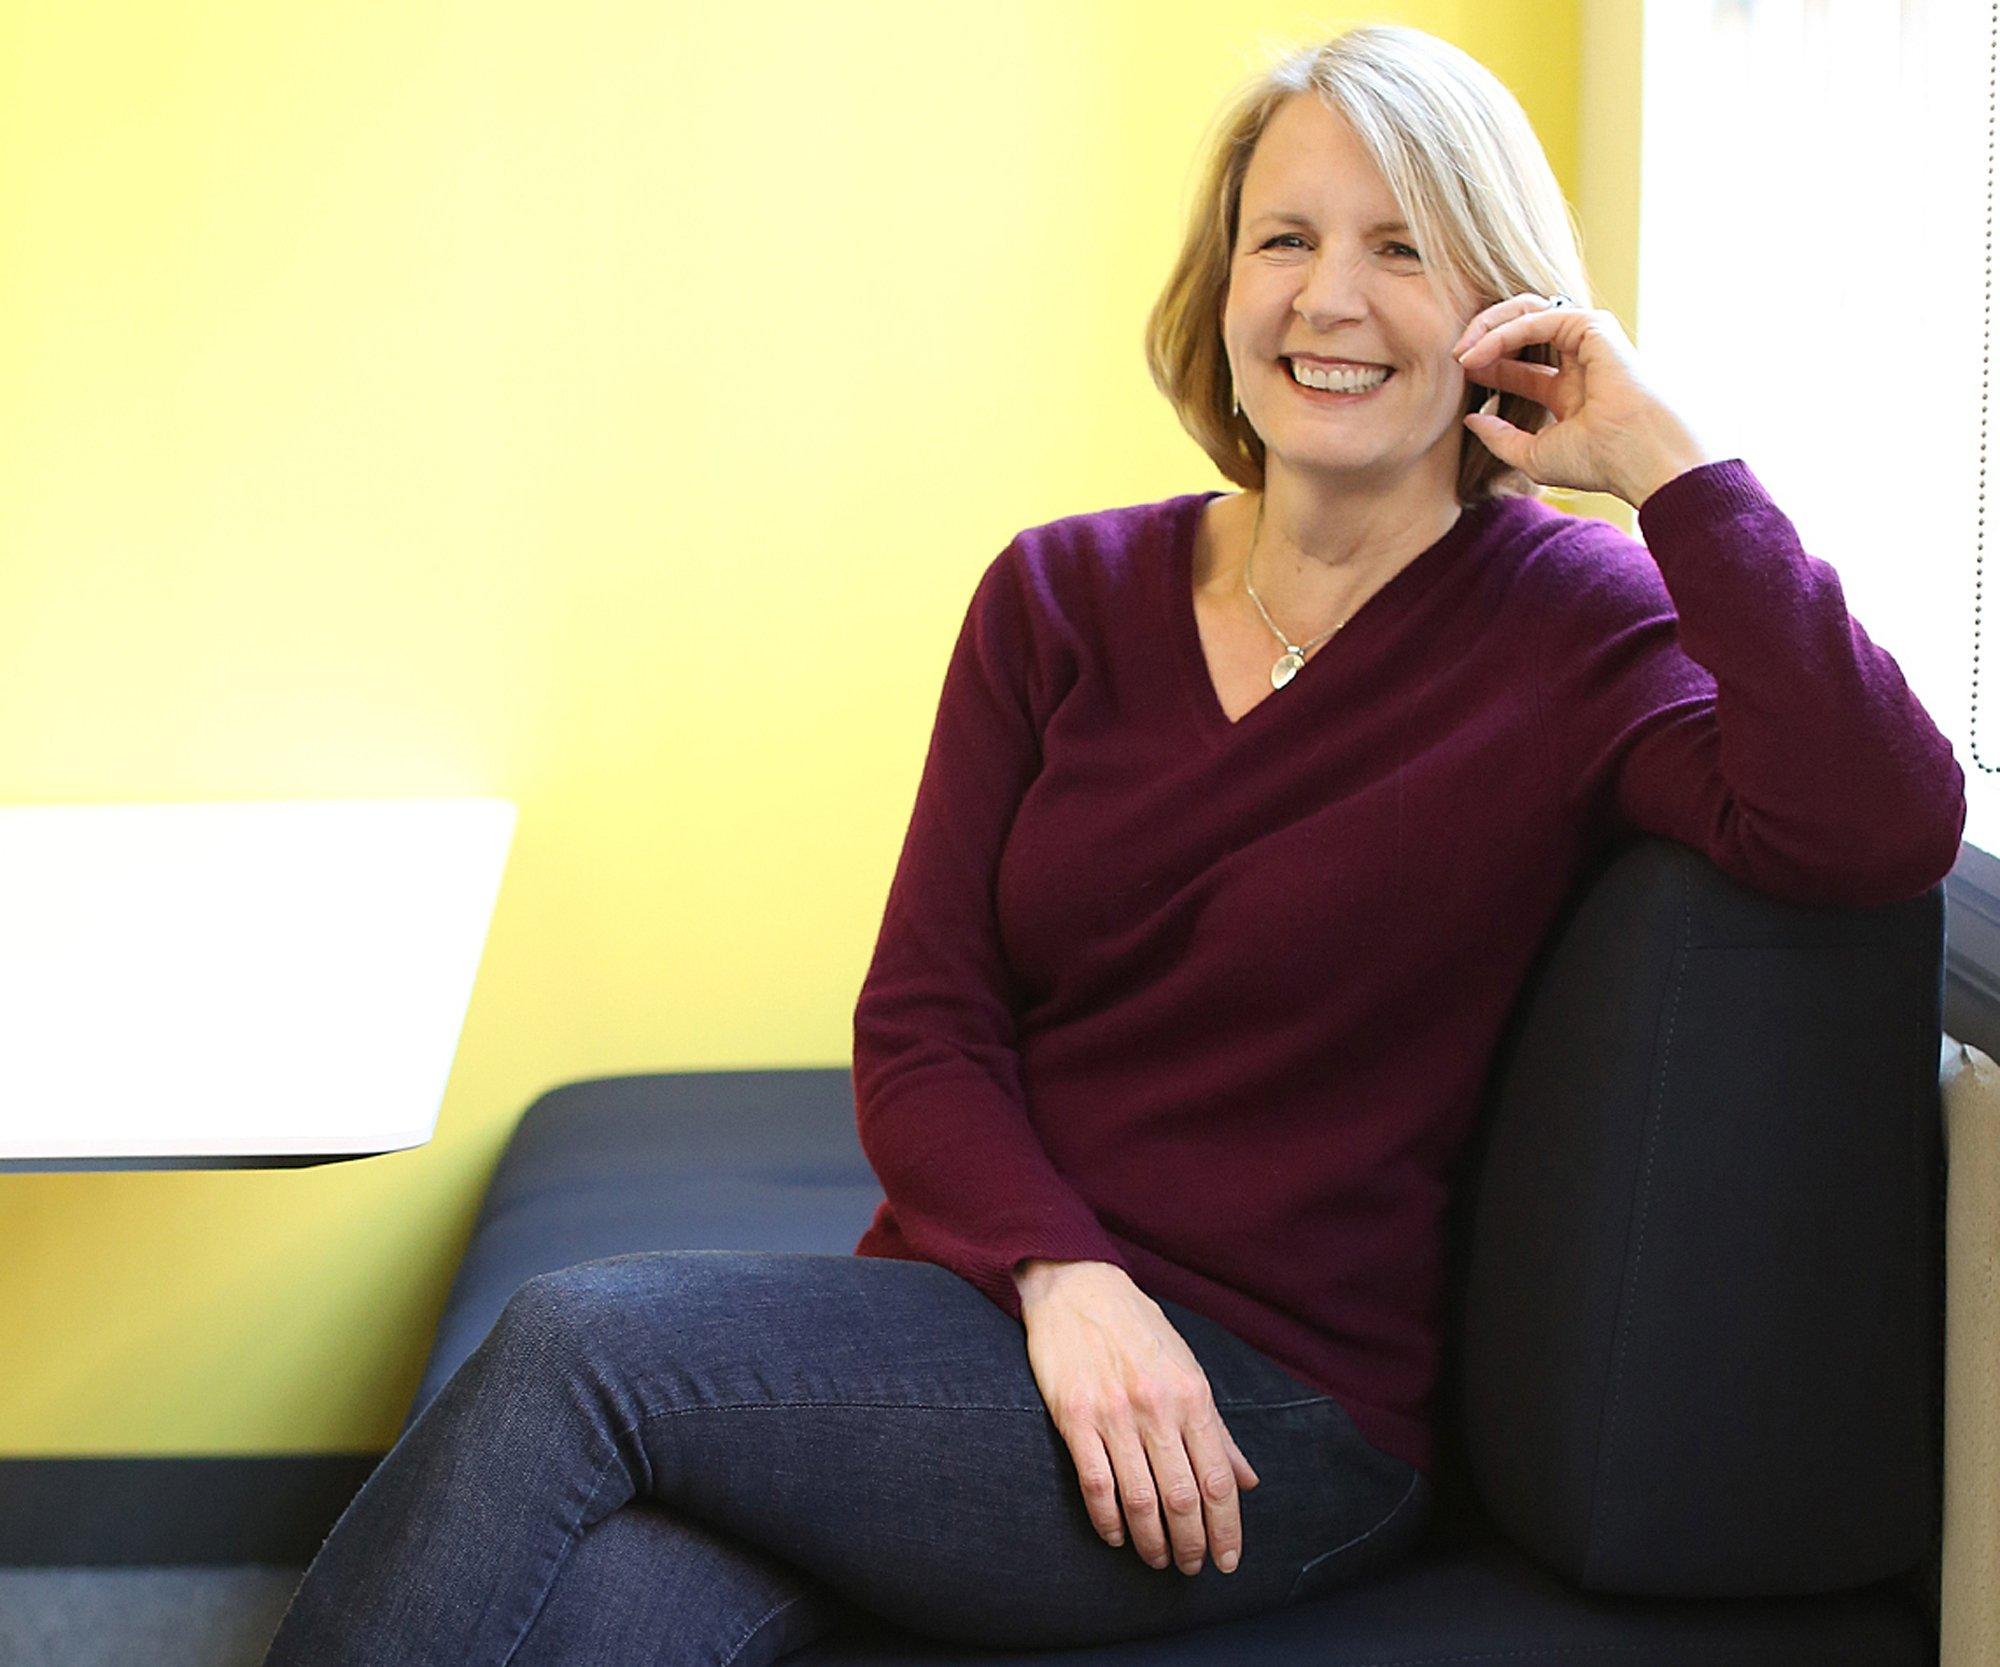 Liz Weston: Secrets of next-door millionaires